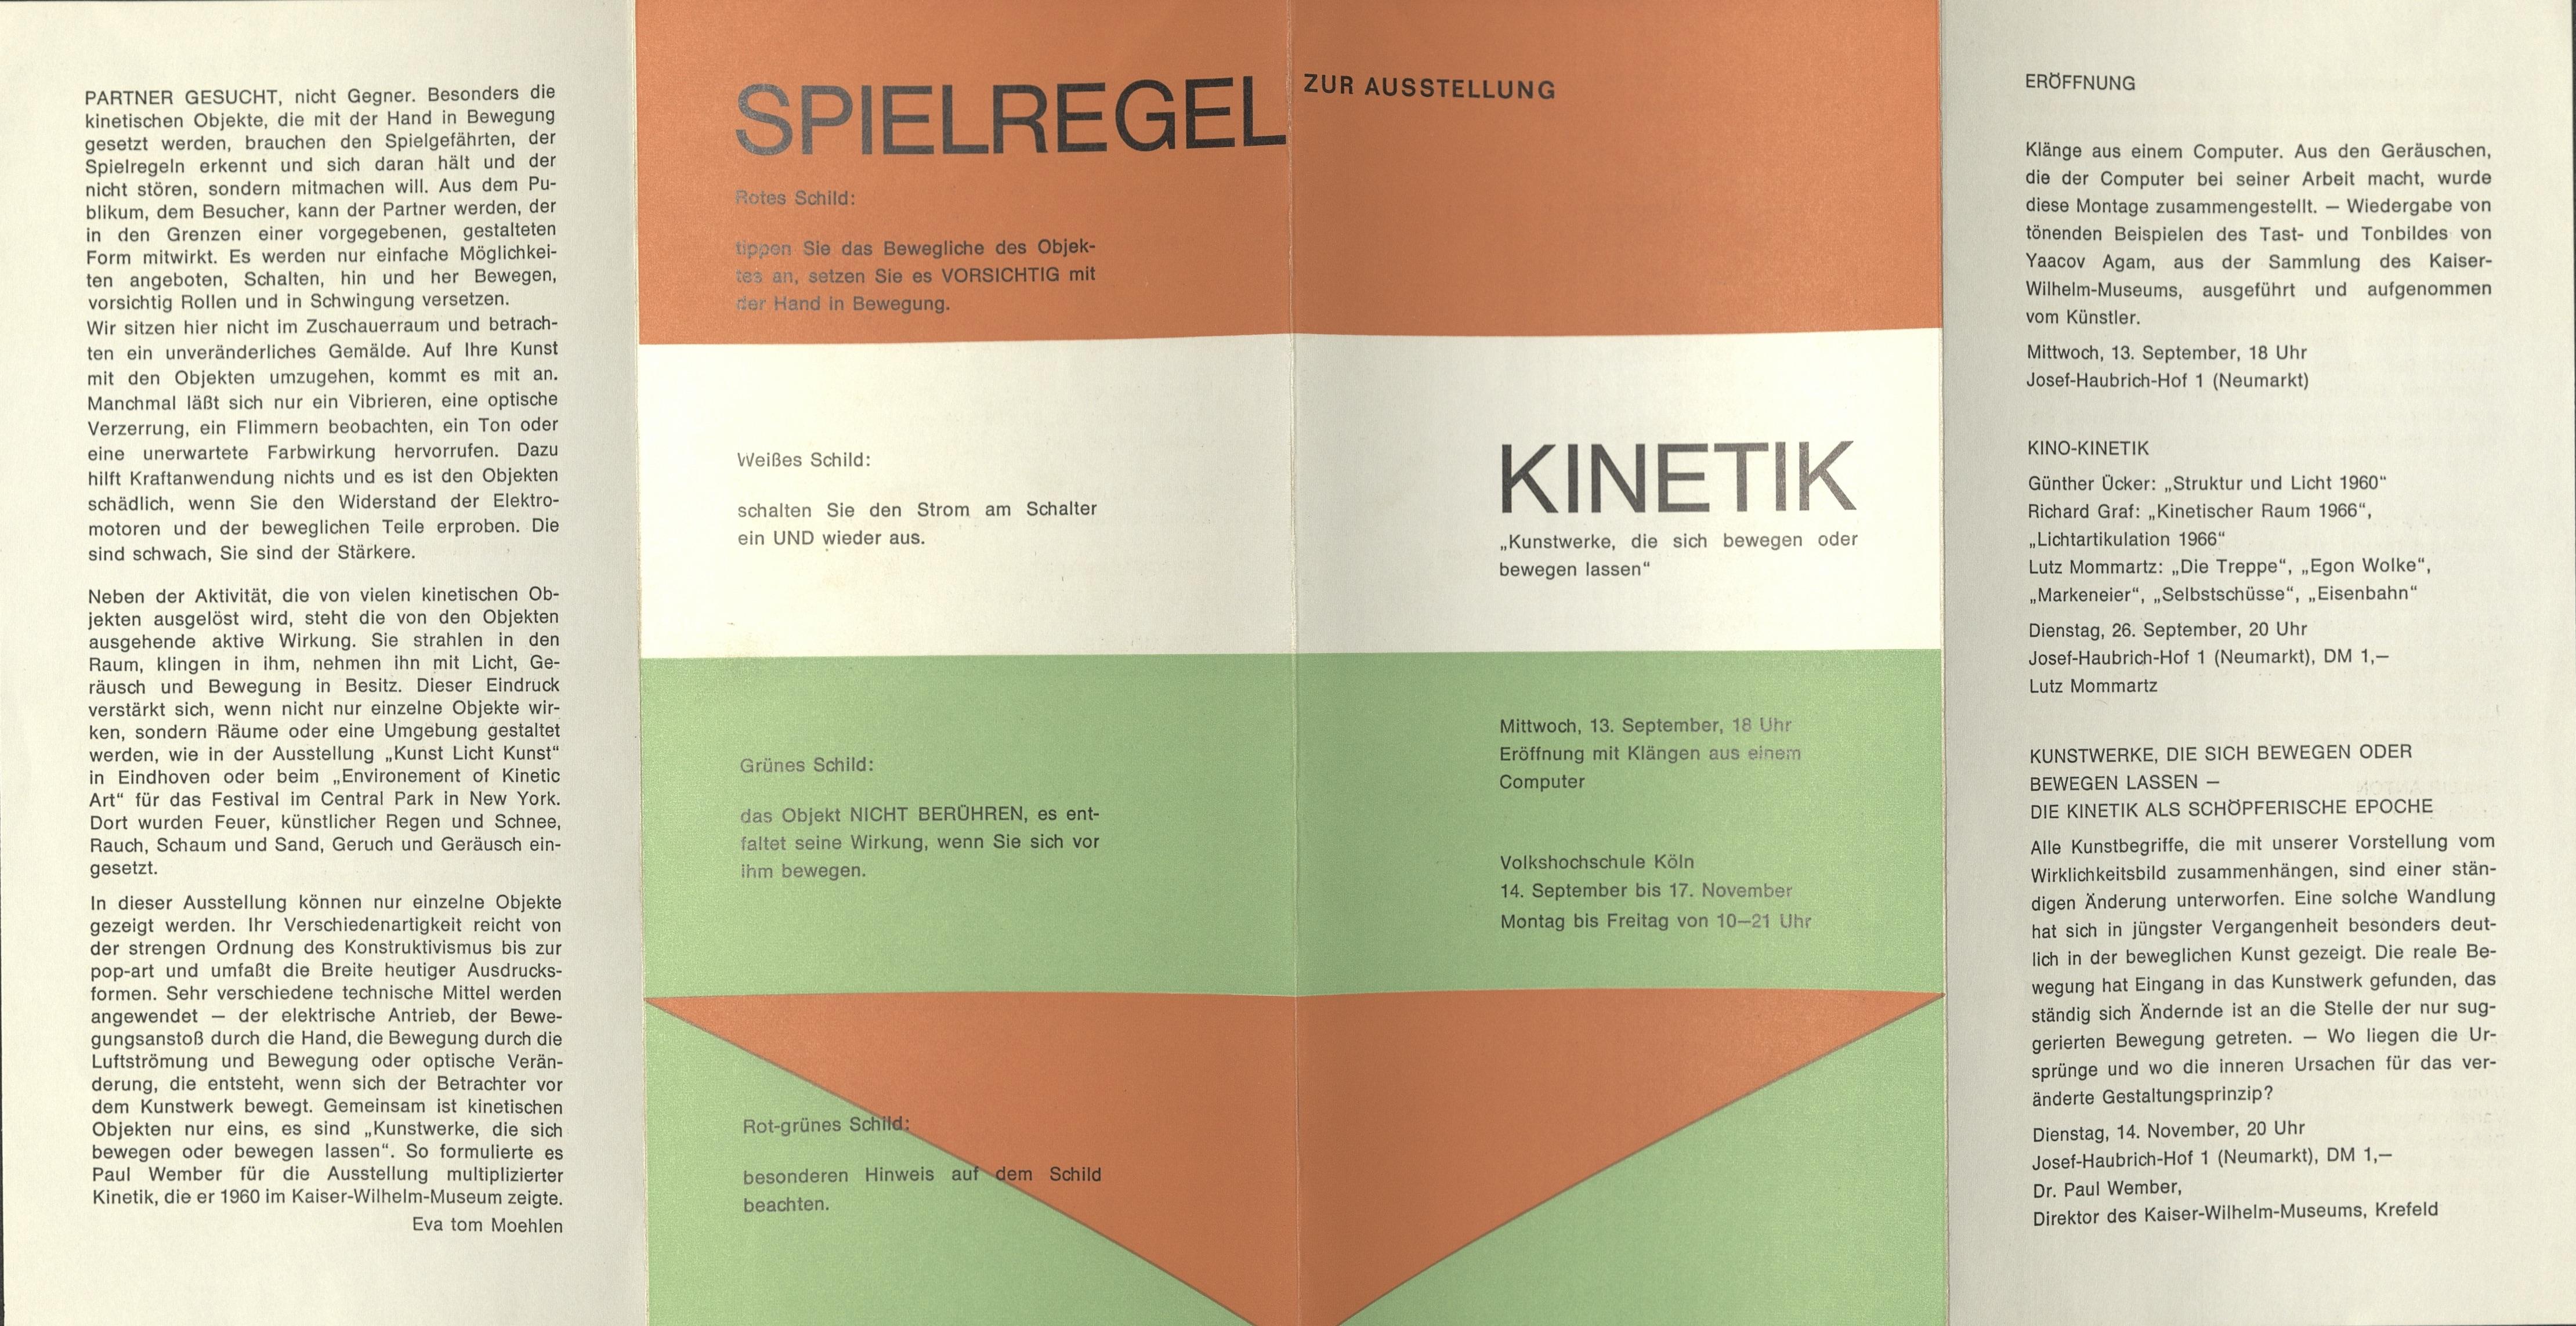 Kinetik, Volkshochschule Köln, Cologne 1967 (Invitation); Archiv der Avantgarden, Staatliche Kunstsammlungen Dresden